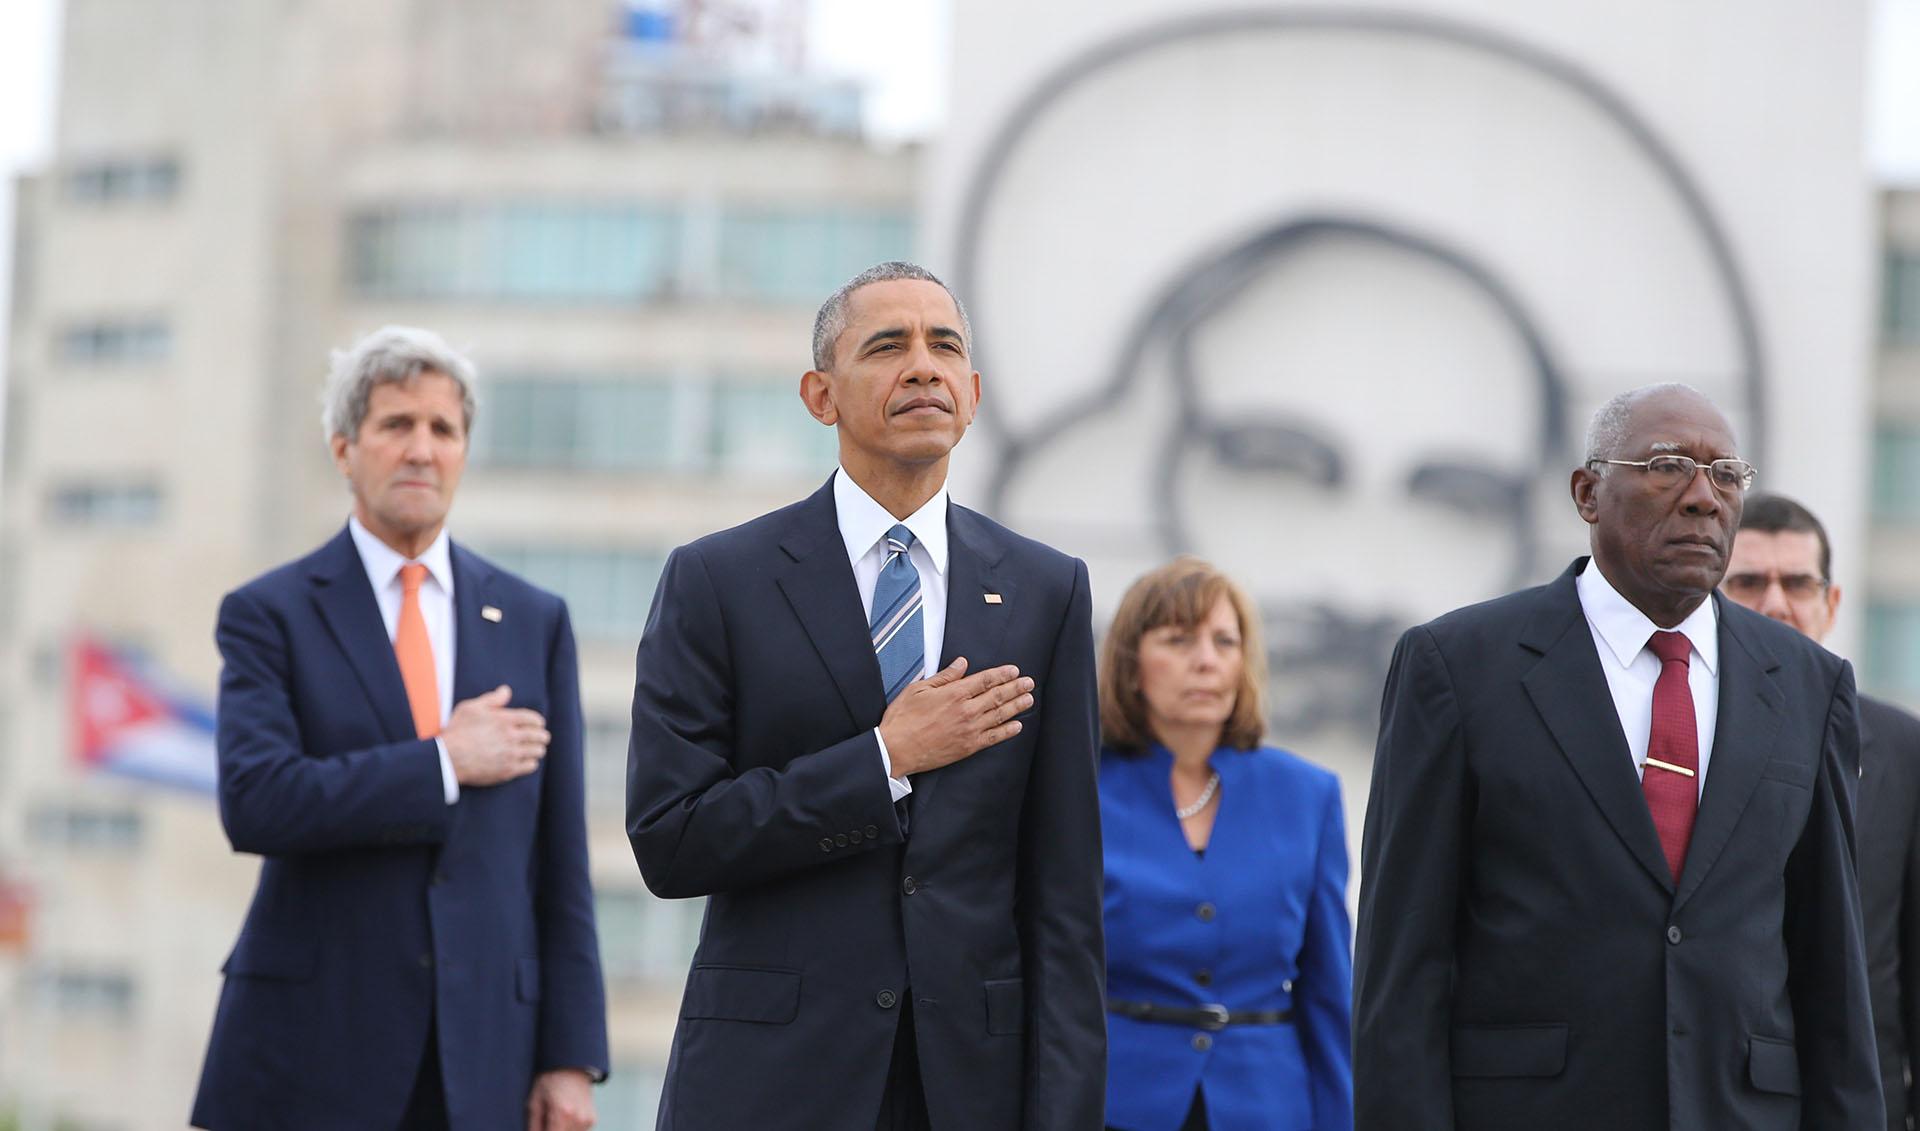 El presidente Barack Obama, y el secretario de Estado John Kerry, escuchan el himno nacional de EEUU durante una ceremonia en el monumento a José Martí en la Plaza de la Revolución en La Habana, Cuba, el lunes 21 de marzo de 2016. A la derecha está Salvador Valdés, vicepresidente del Consejo de Estado de Cuba. (Foto AP / Enric Martí)